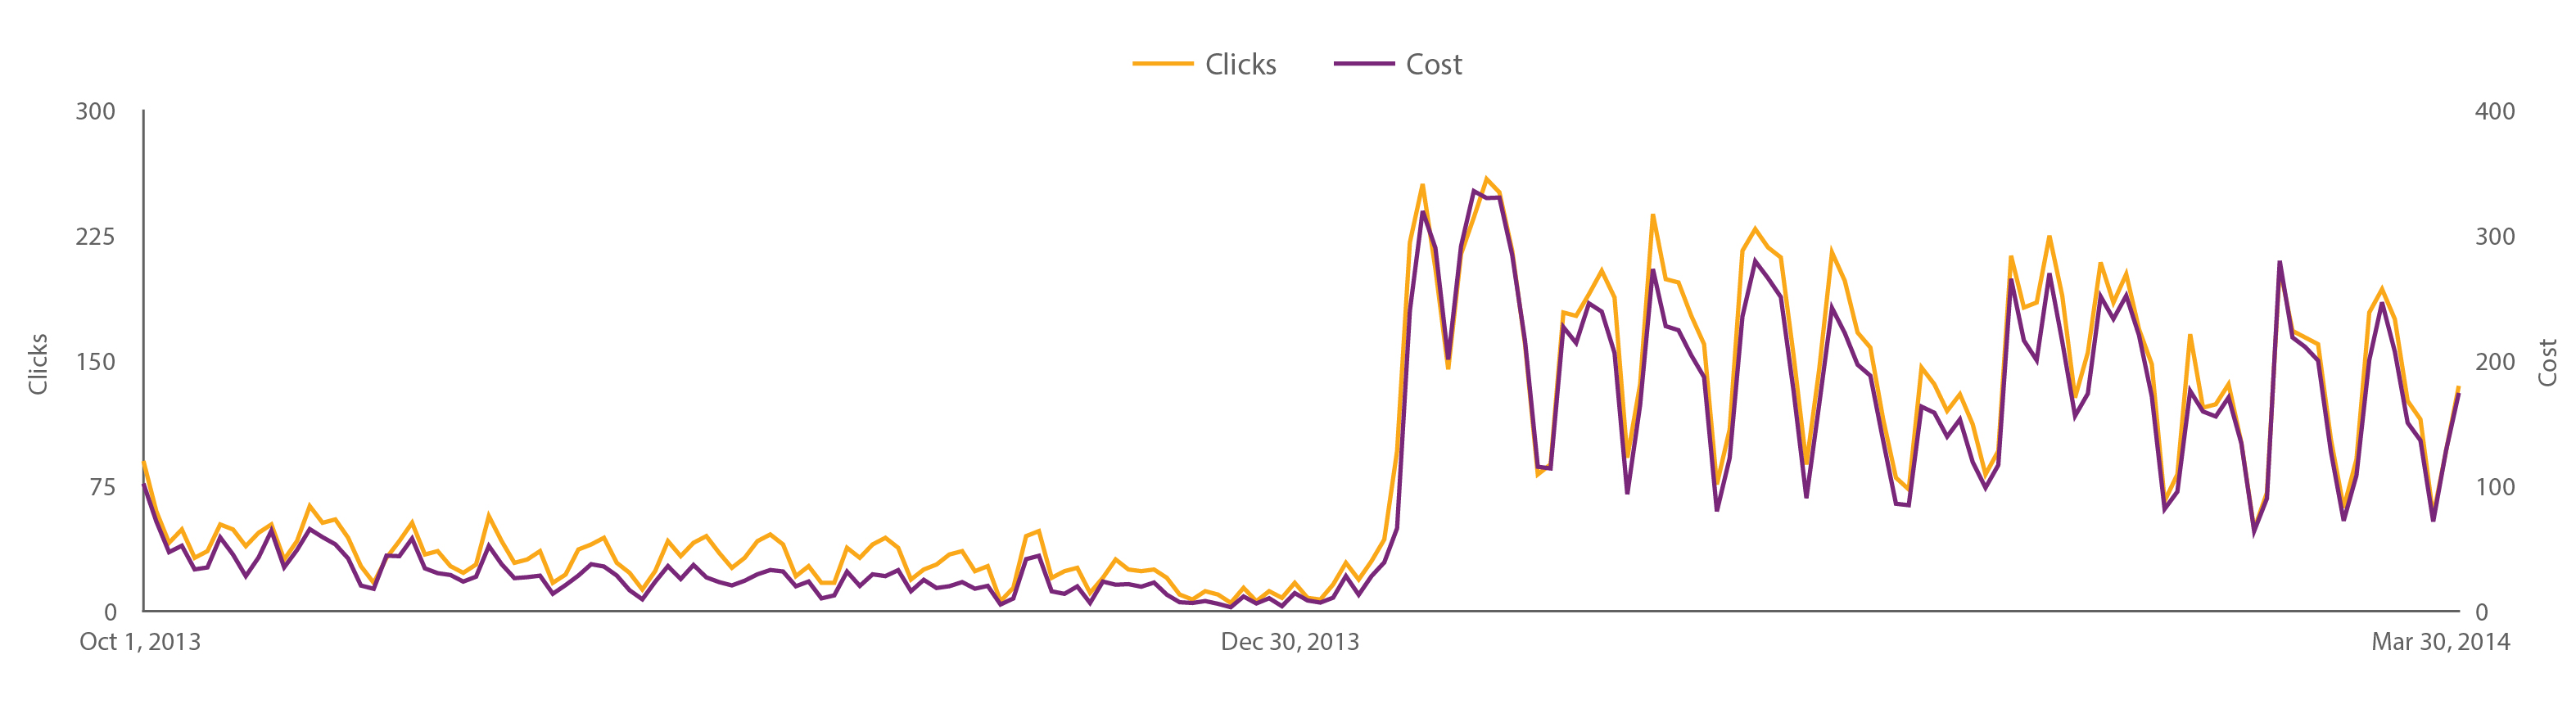 CPRE Clicks Vs Cost Daily